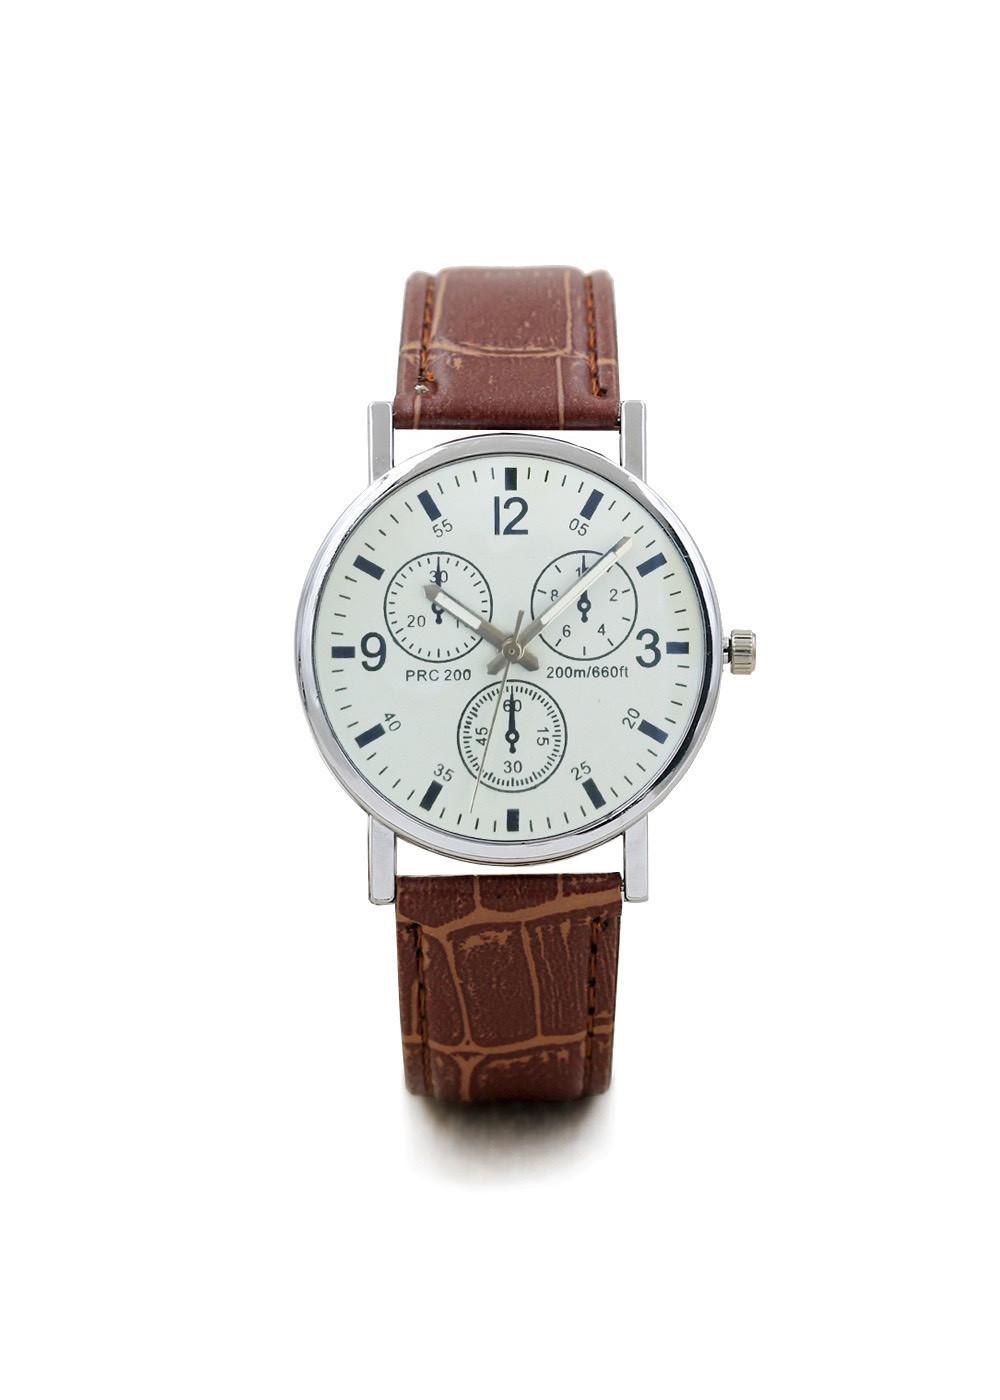 Đồng hồ nam thời trang cao cấp dây da bền bỉ mặt kính tròn to ZO97